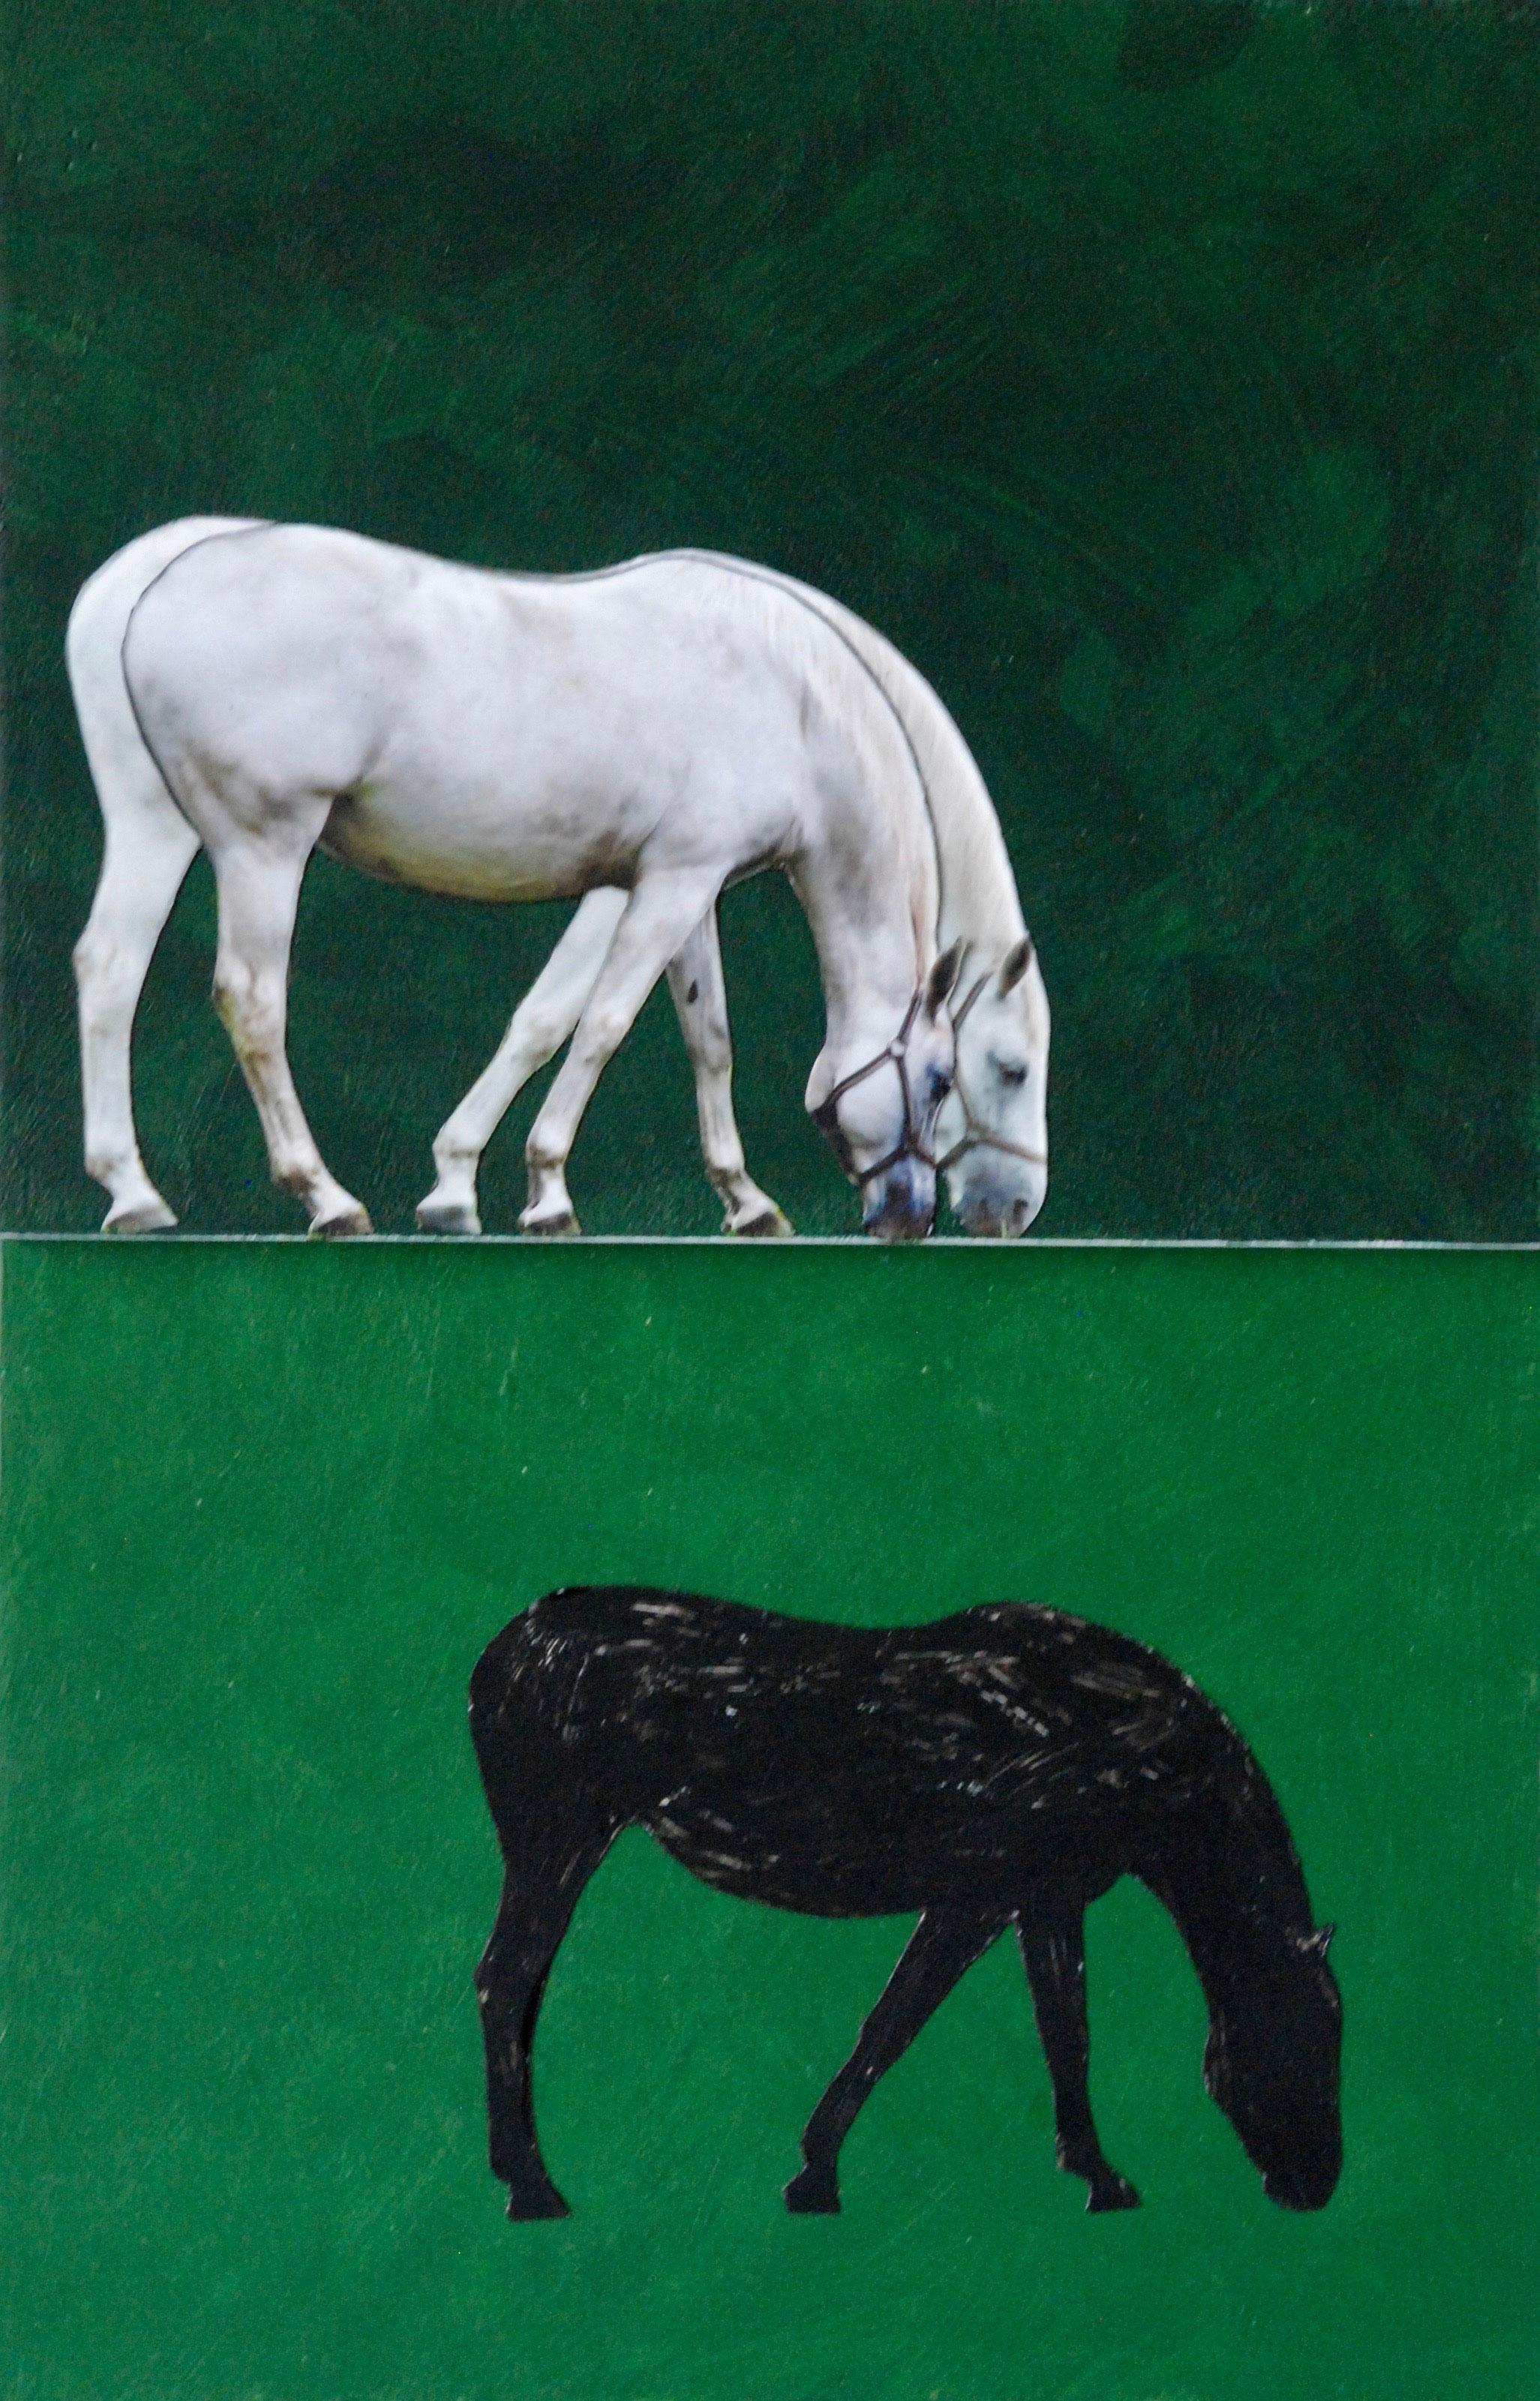 drie paarden in een groene wei - 19,5 x 29,7 x 2 cm